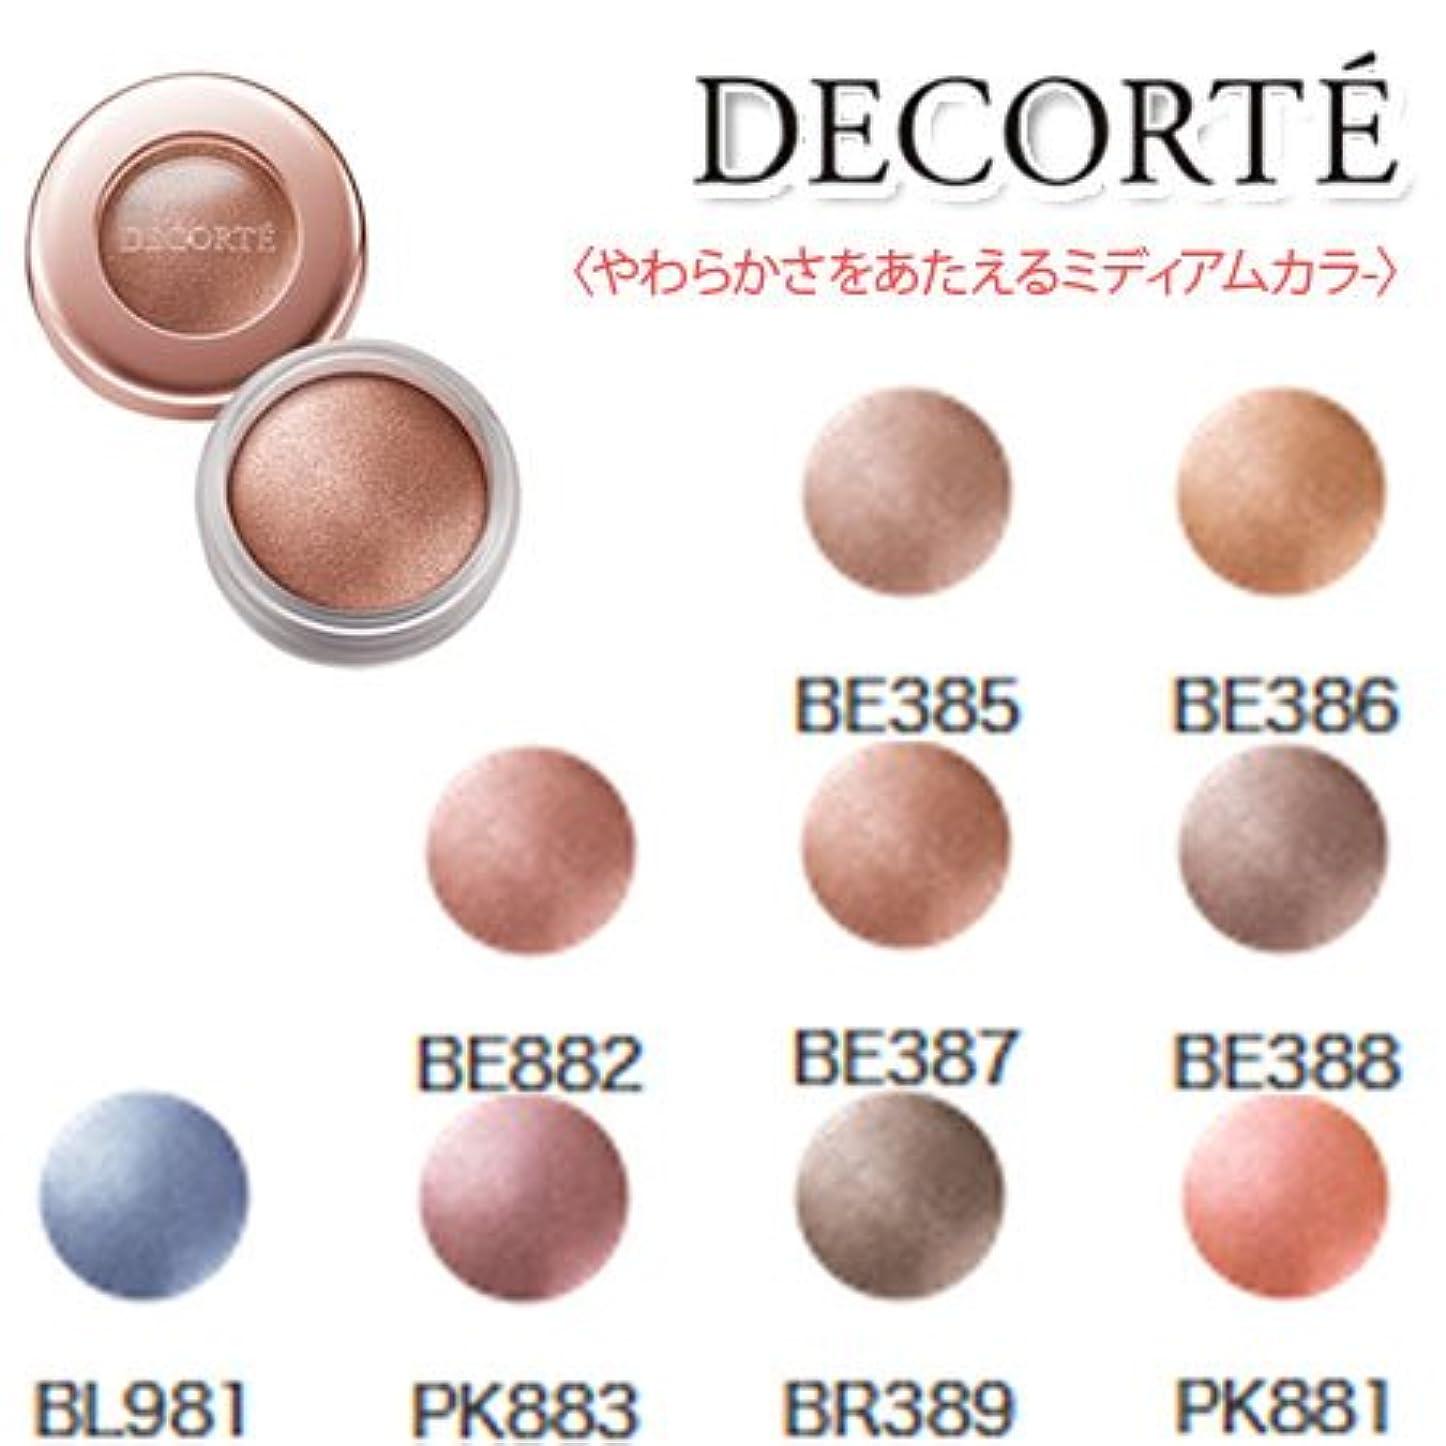 コスメデコルテ アイグロウ ジェム 〈ミディアムカラー〉 -COSME DECORTE- BE387